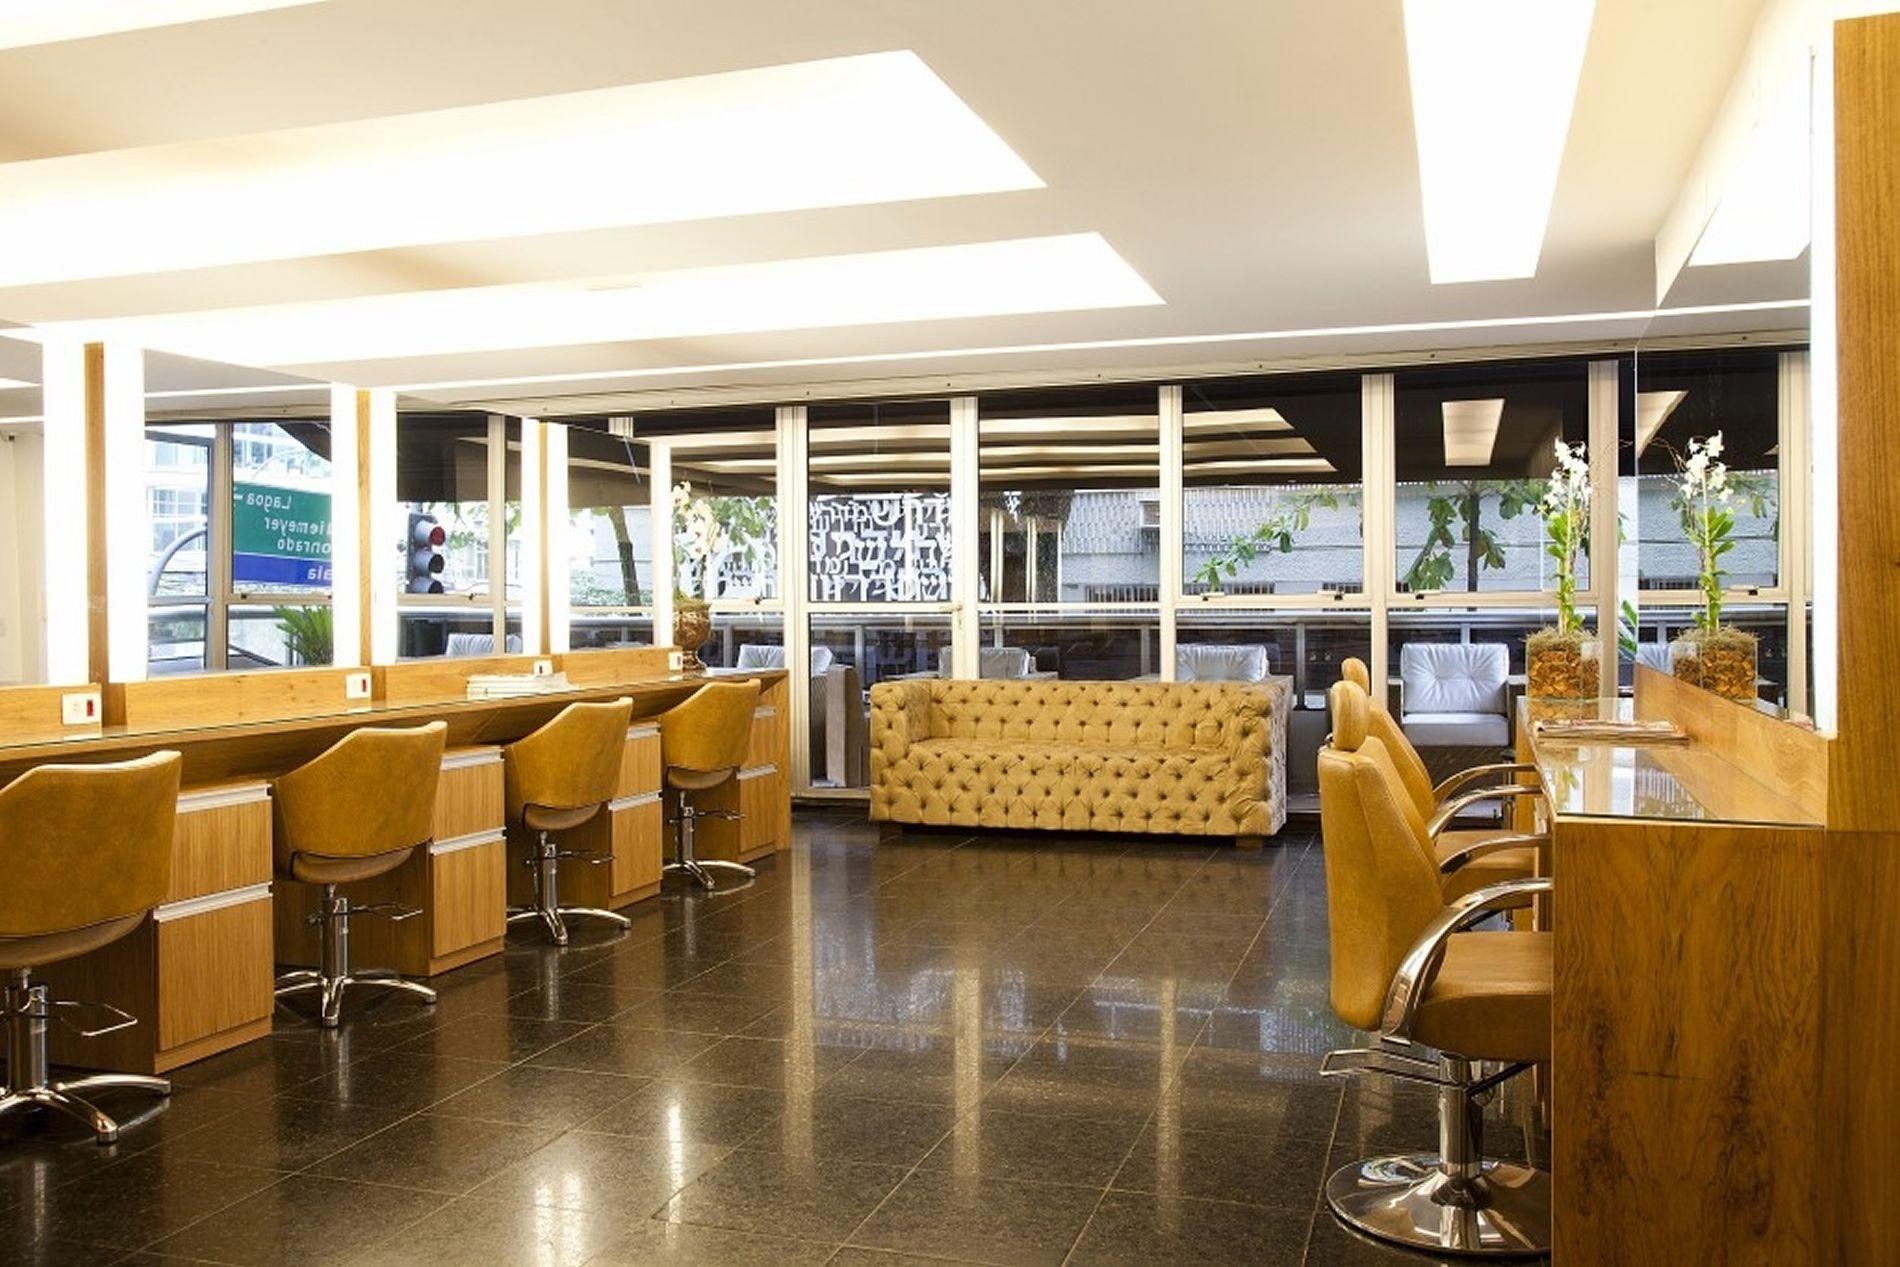 Projeto de Arquitetura de Salão de Beleza Rj #694616 1900 1267